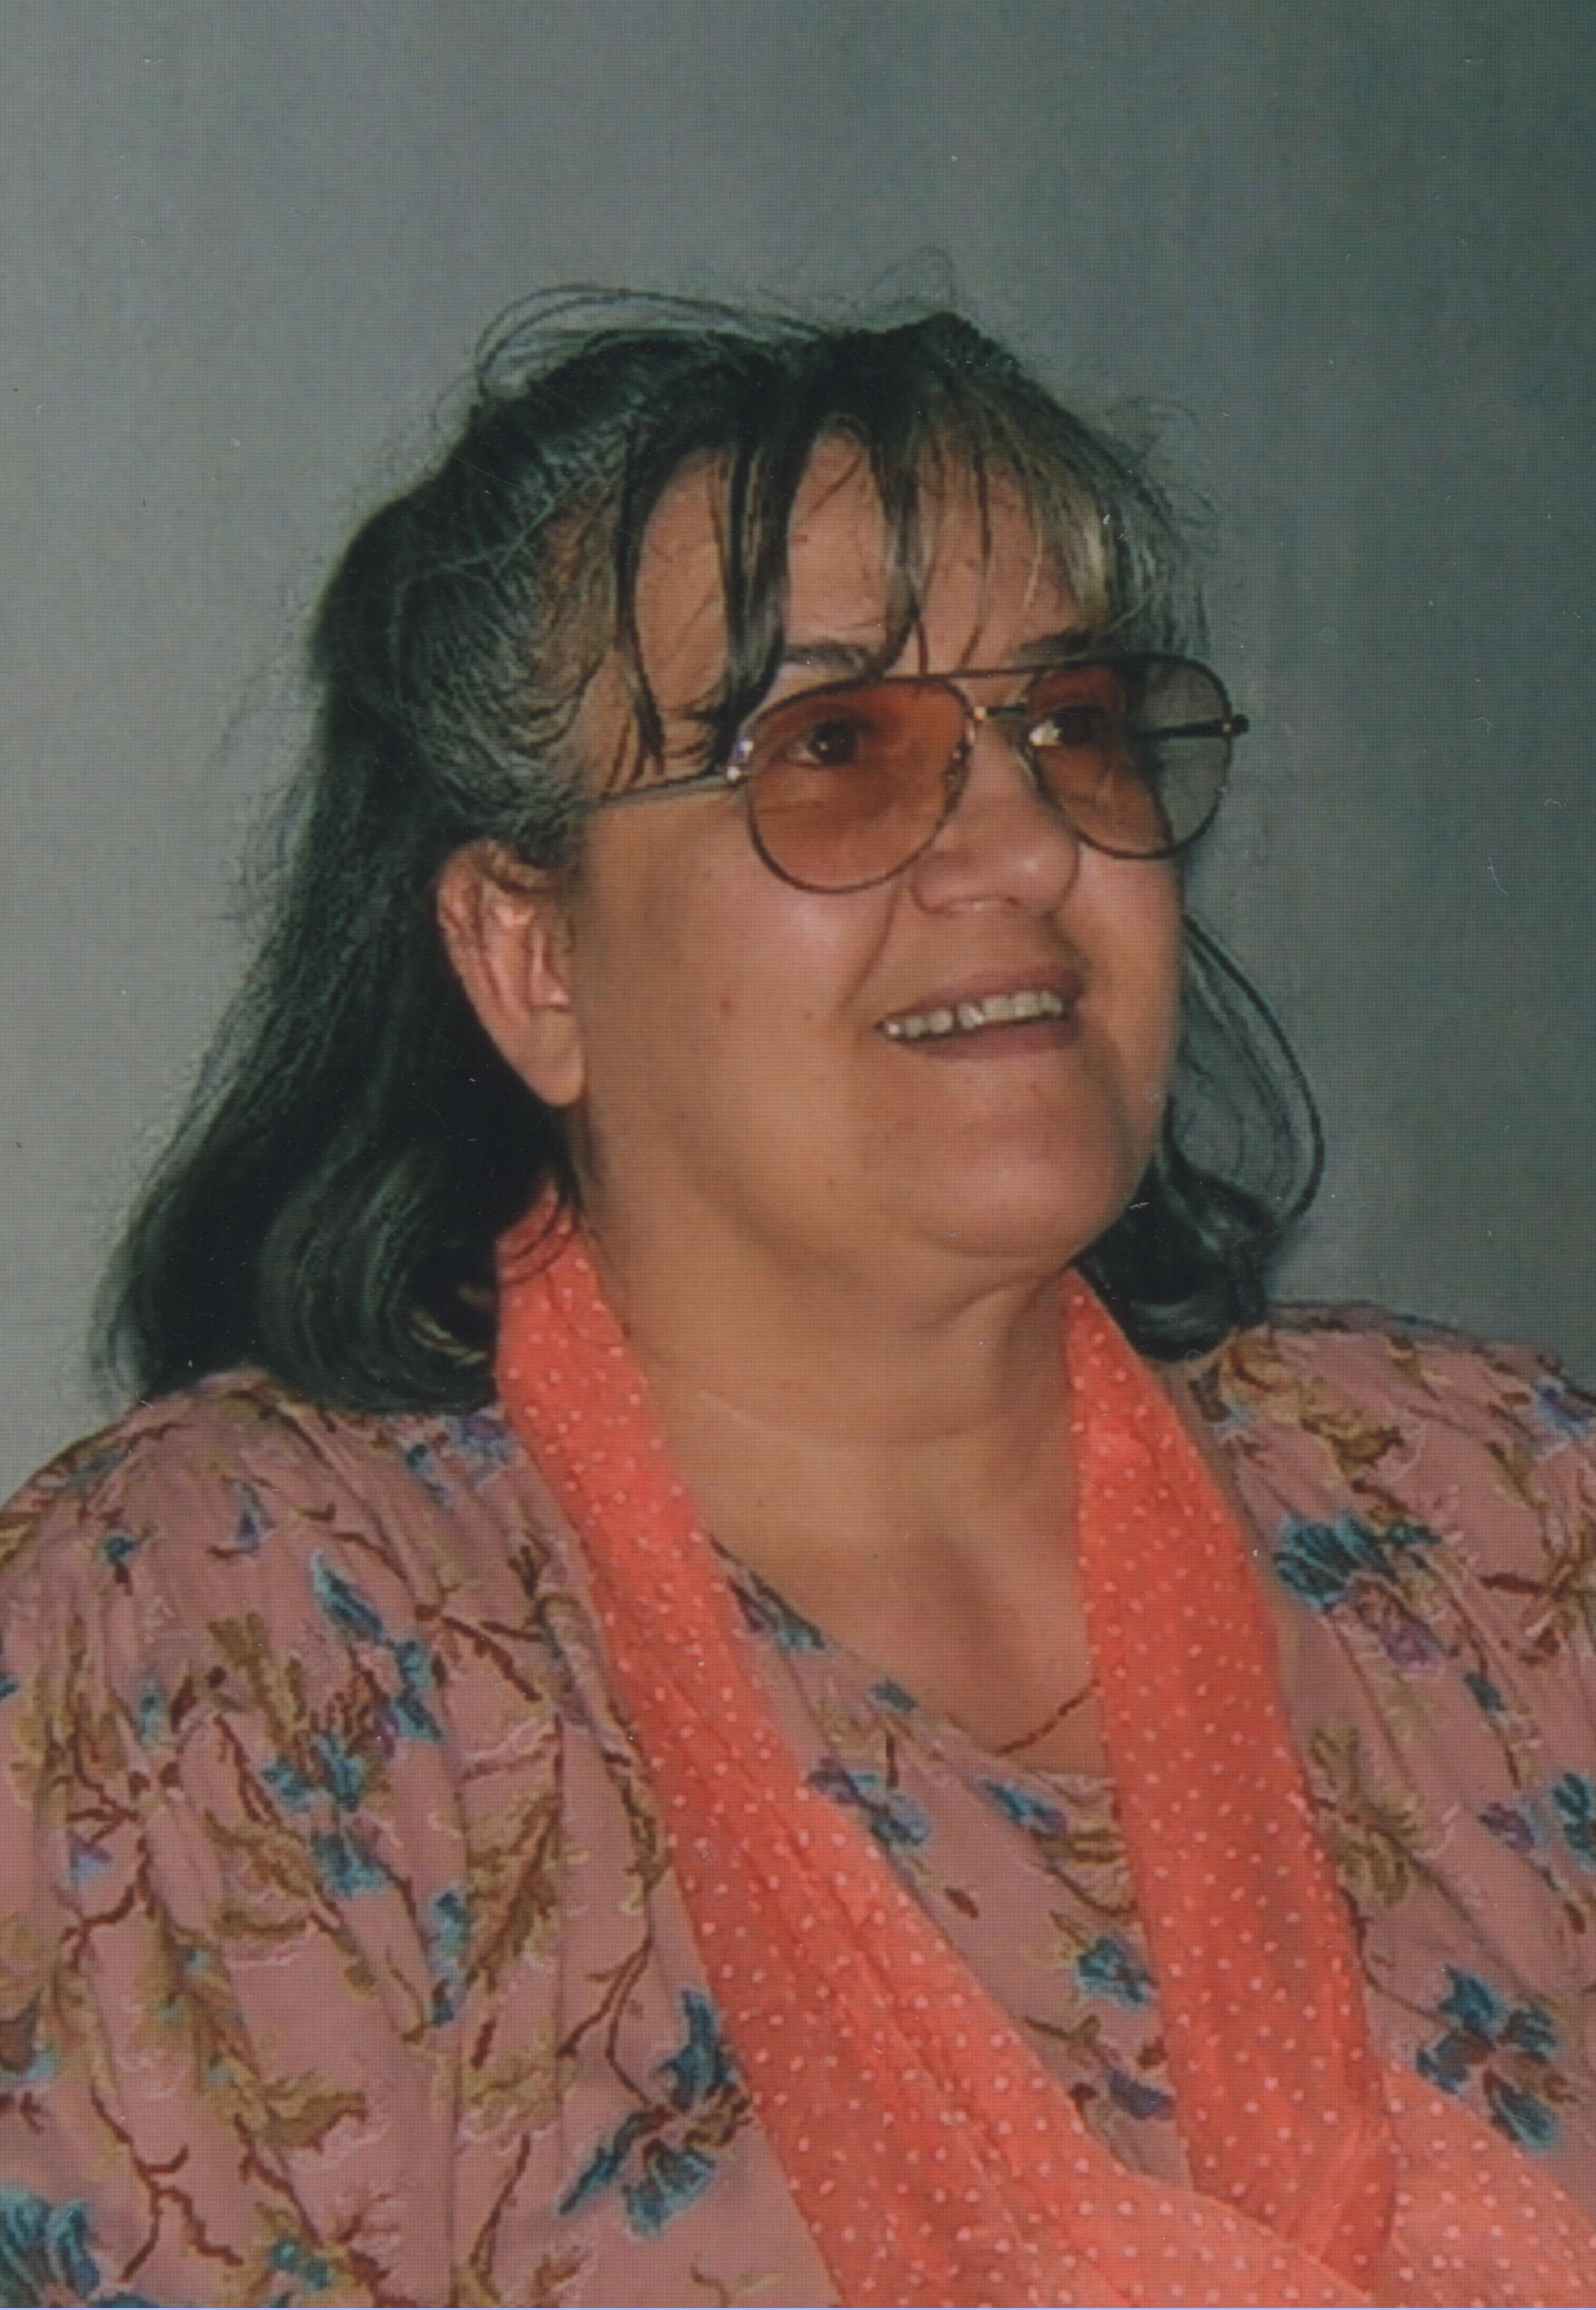 Taffo Onoranze Funebri - Necrologi - Sonia Sconci